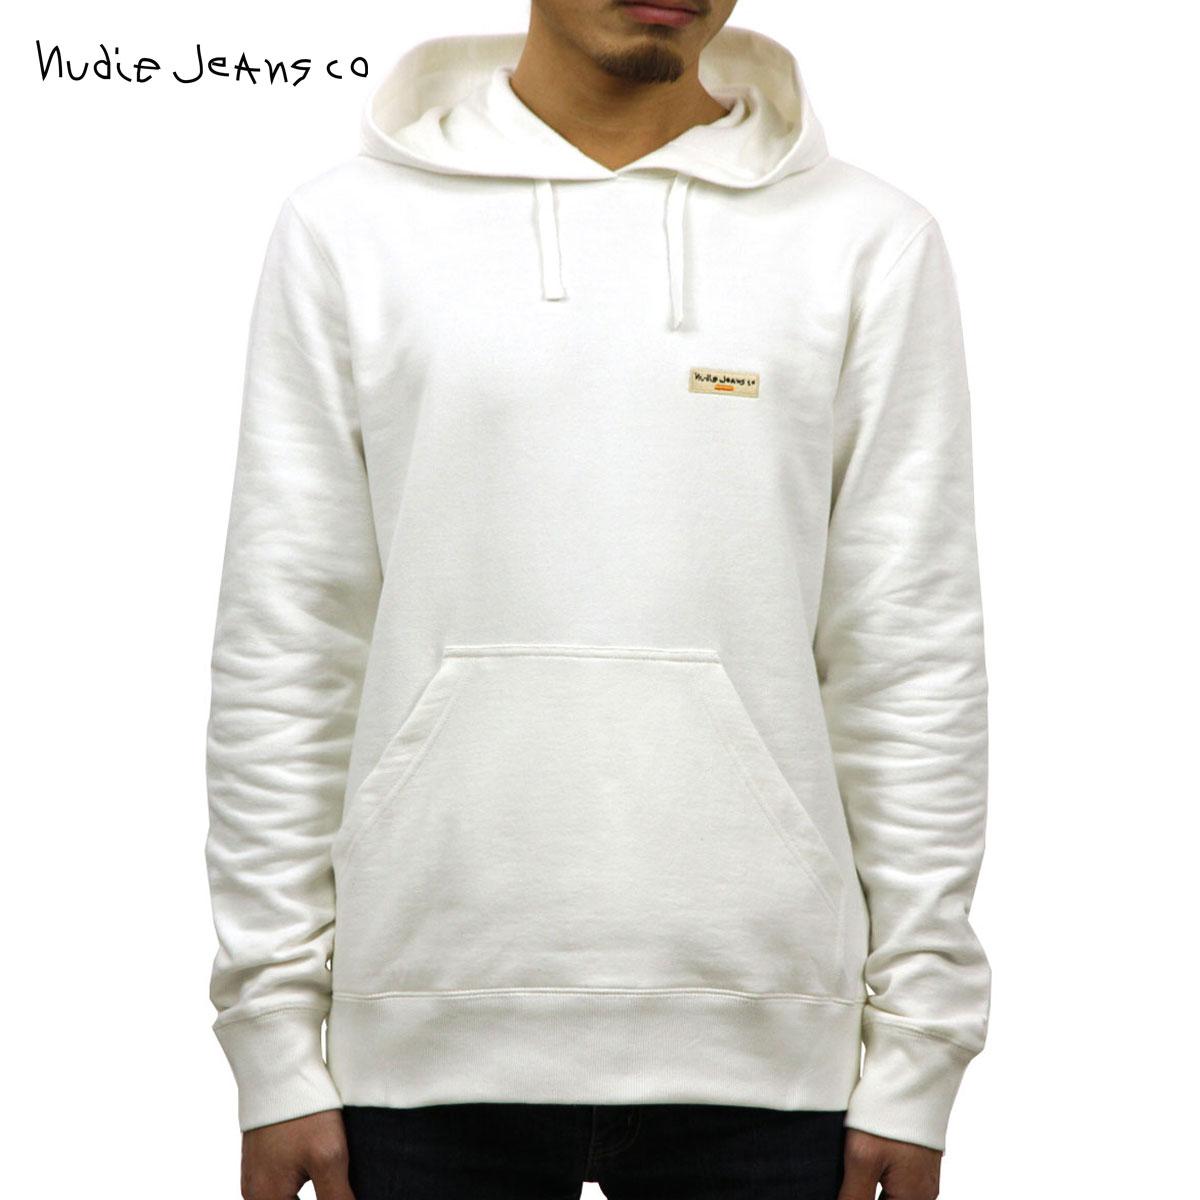 ヌーディージーンズ Nudie Jeans 正規販売店 メンズ プルオーバーパーカー EMMET LOGO HOODIE OFFWHITE 150382